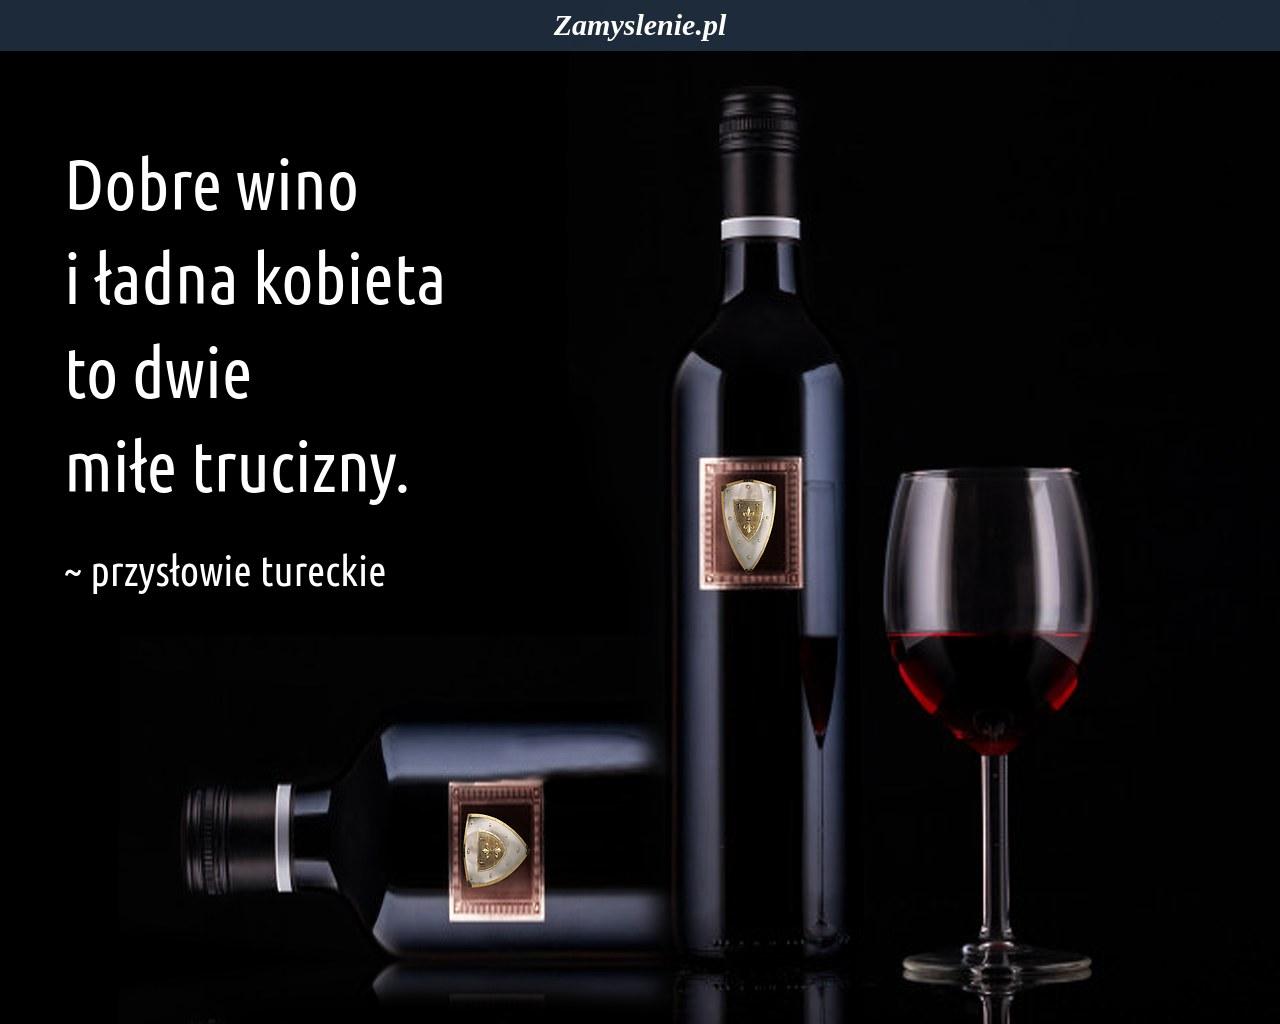 Obraz / mem do cytatu: Dobre wino i ładna kobieta to dwie miłe trucizny.